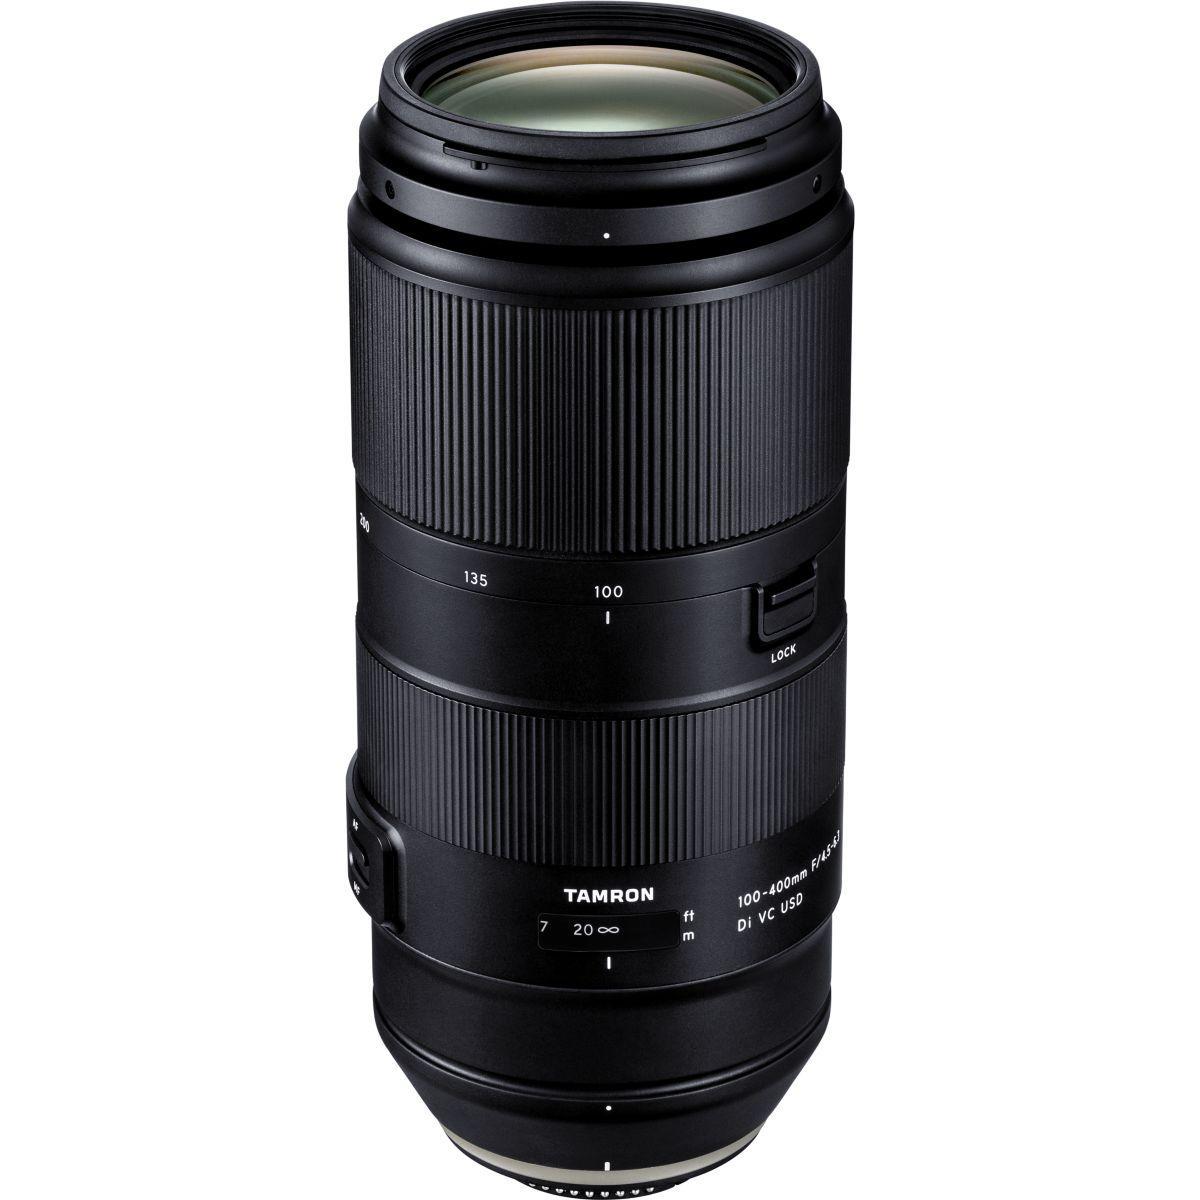 Objectif pour reflex tamron 100-400mm f 4.5-6.3 di vc usd nikon - 5% de remise imm�diate avec le code : deal5